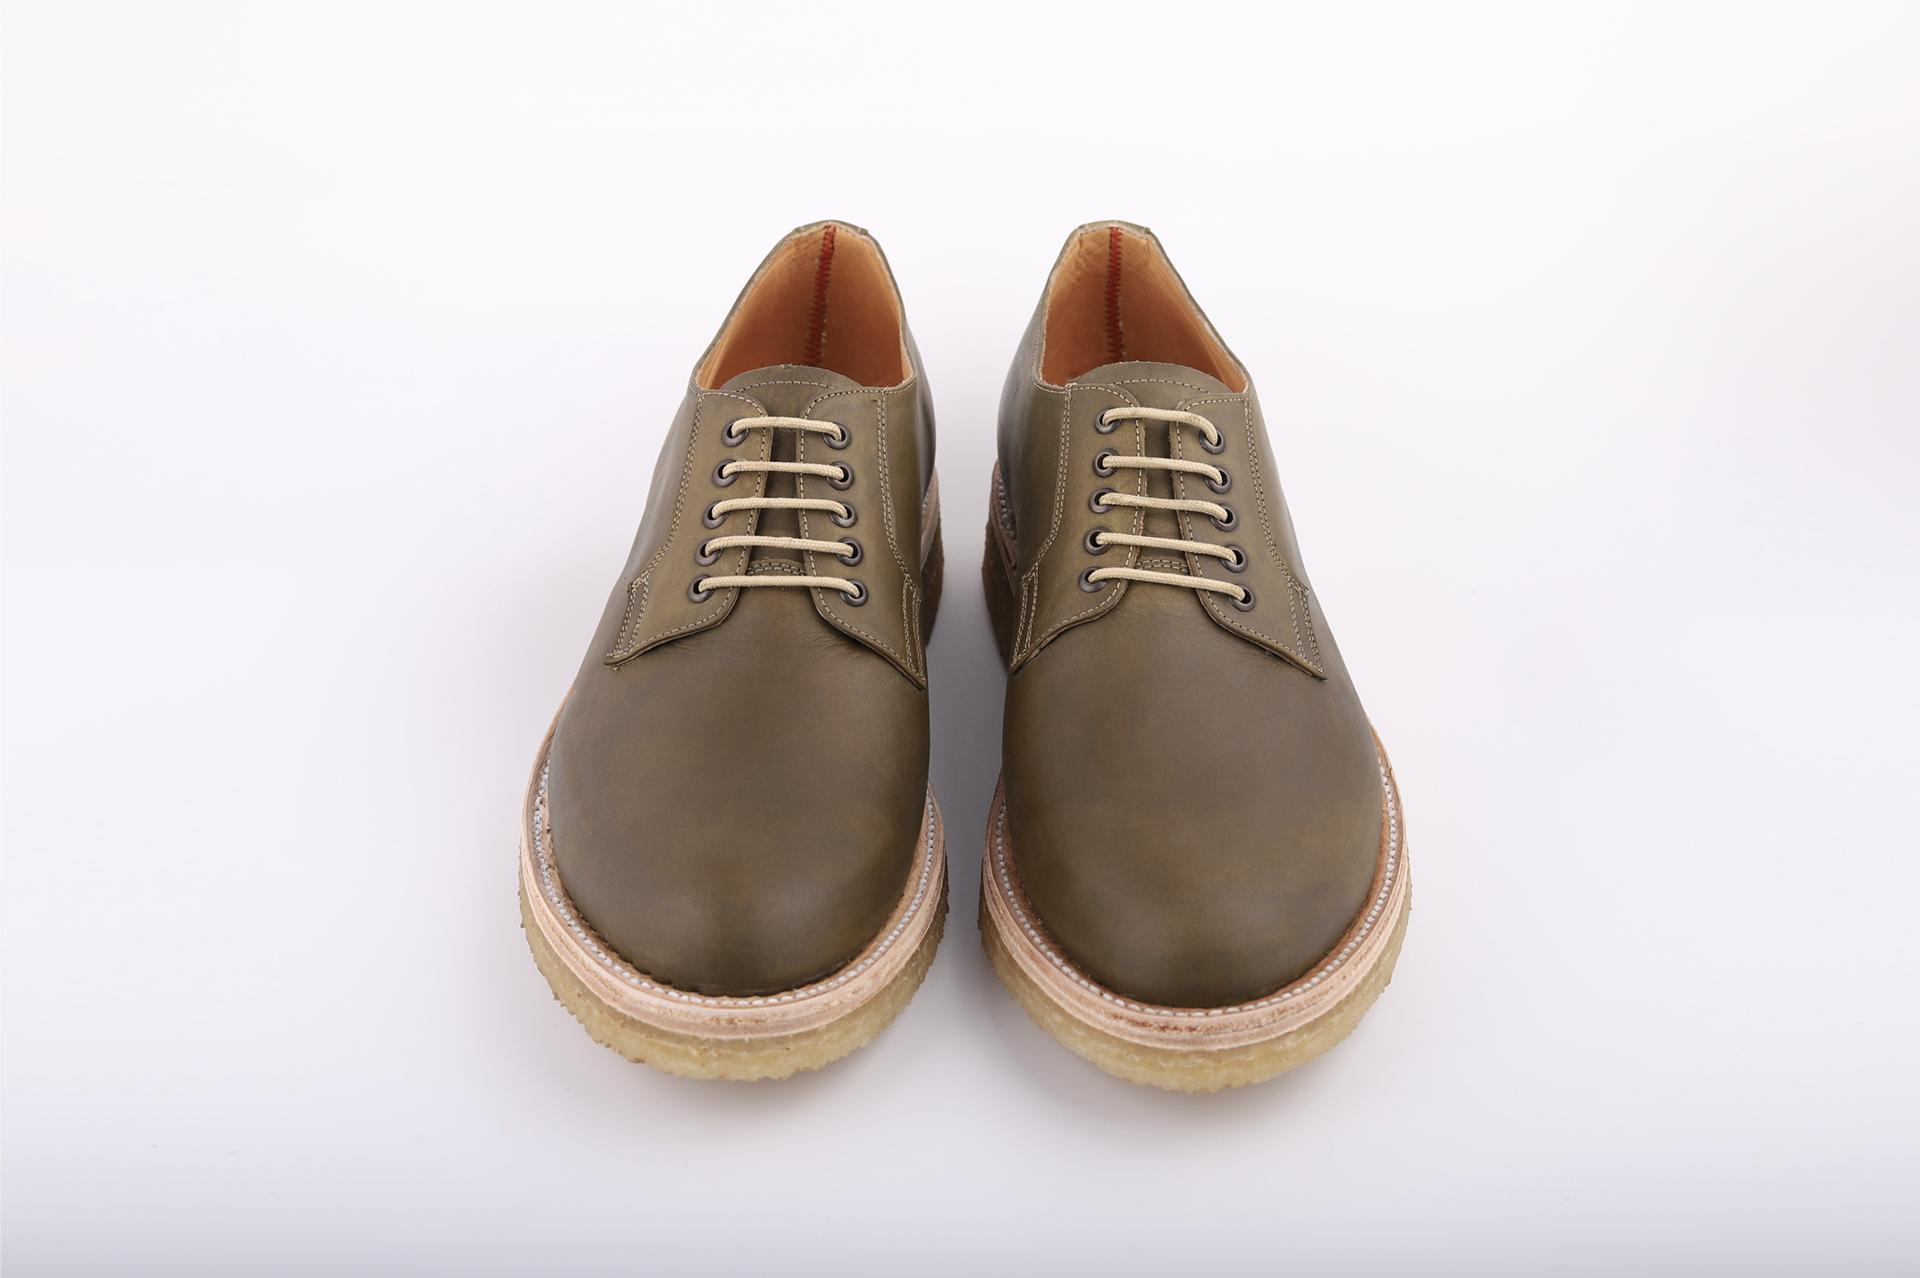 miles-and-louie-zapato-blucher-hombre-mujer-piel-suela-crepe-coleccion-primavera-verano-2019-summer-collection-viaje-vacaciones-spring.png